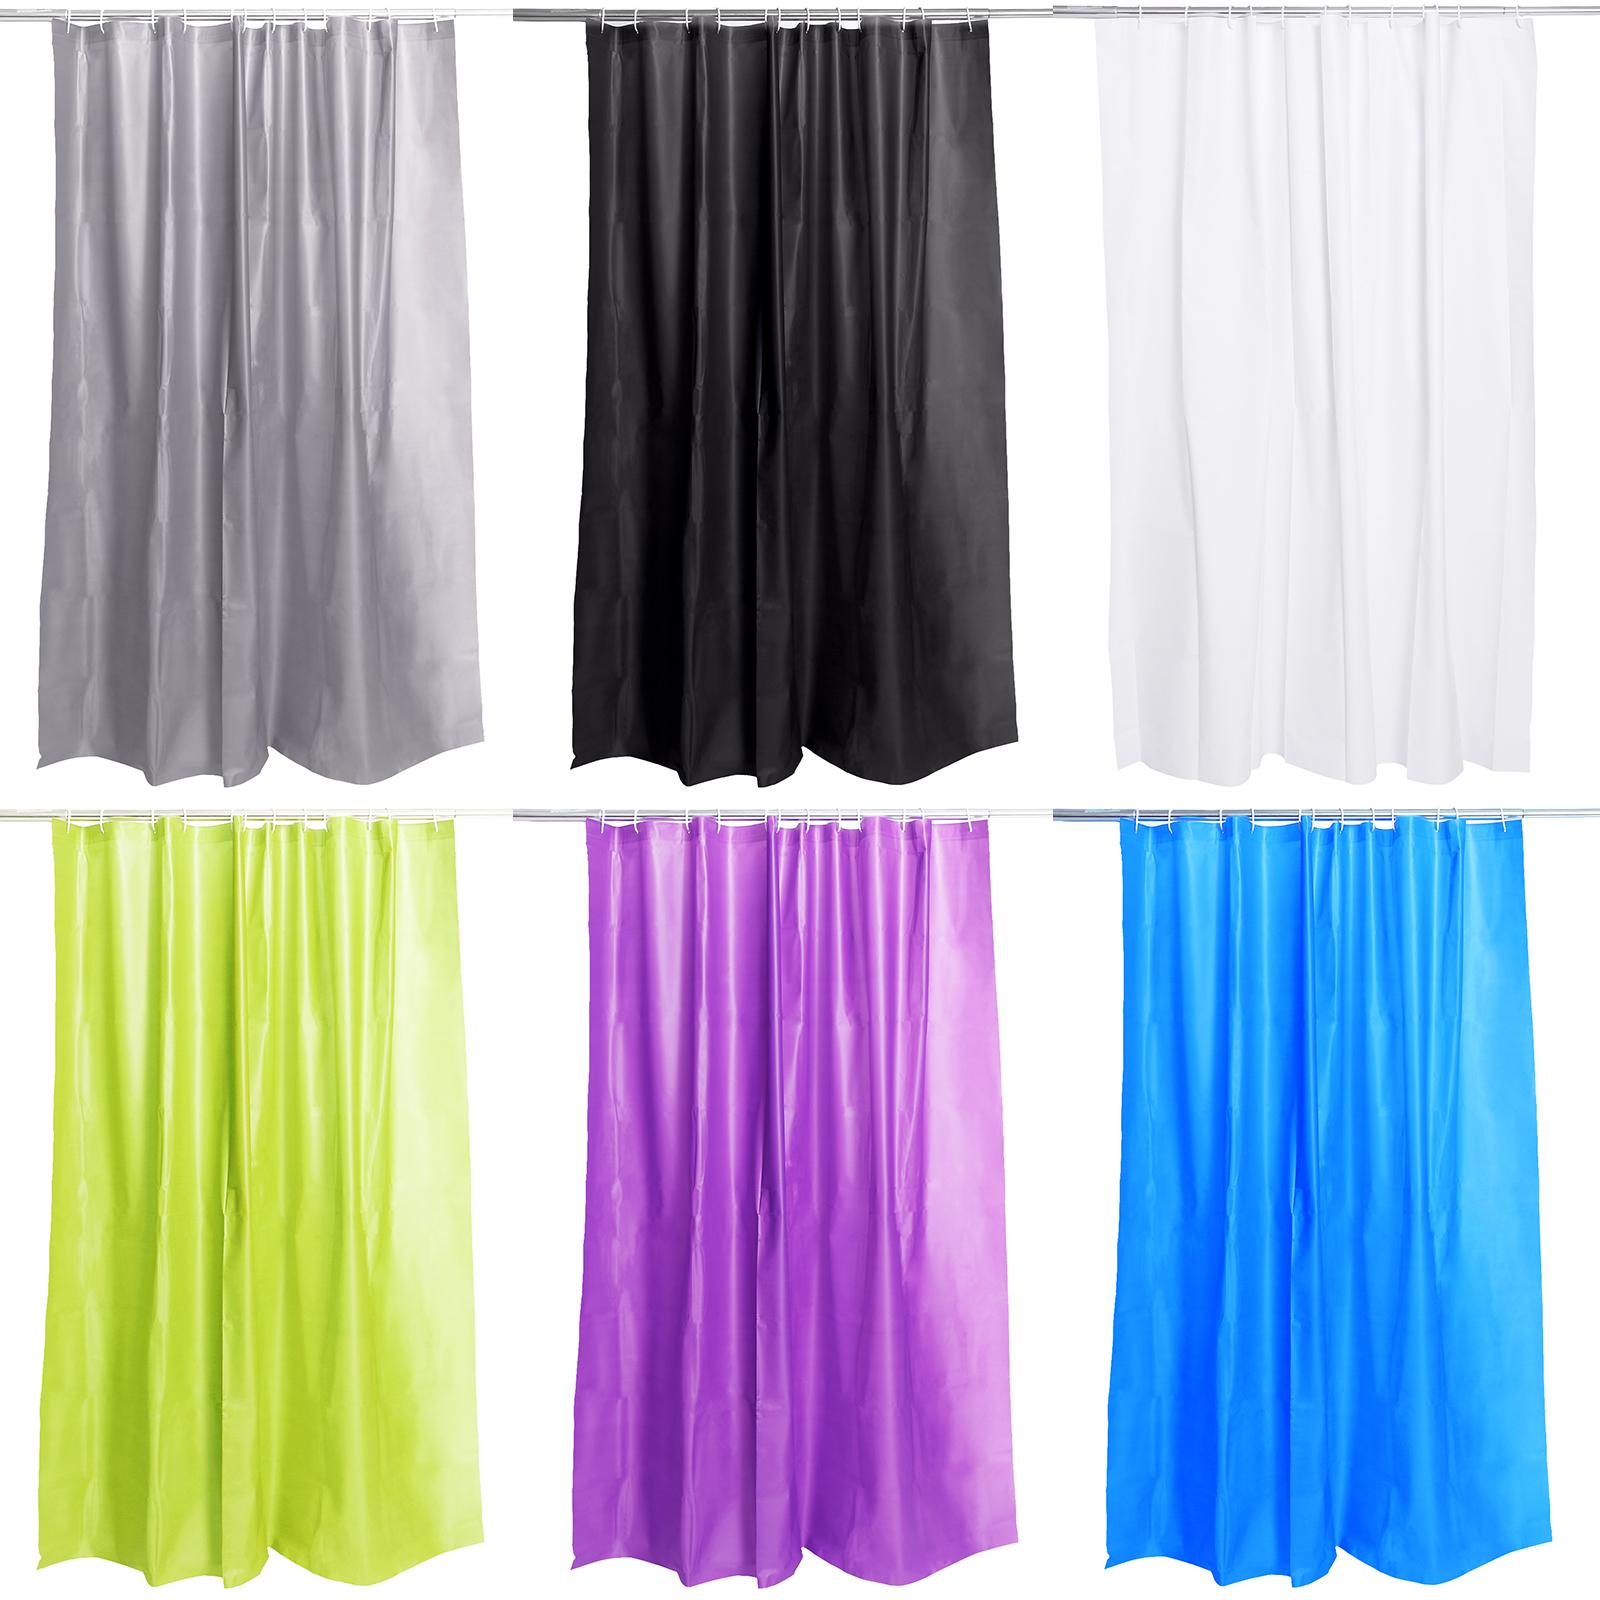 badevorhang wannenvorhang dusche vorhang peva waschbar duschvorhang 12 ringe ebay. Black Bedroom Furniture Sets. Home Design Ideas